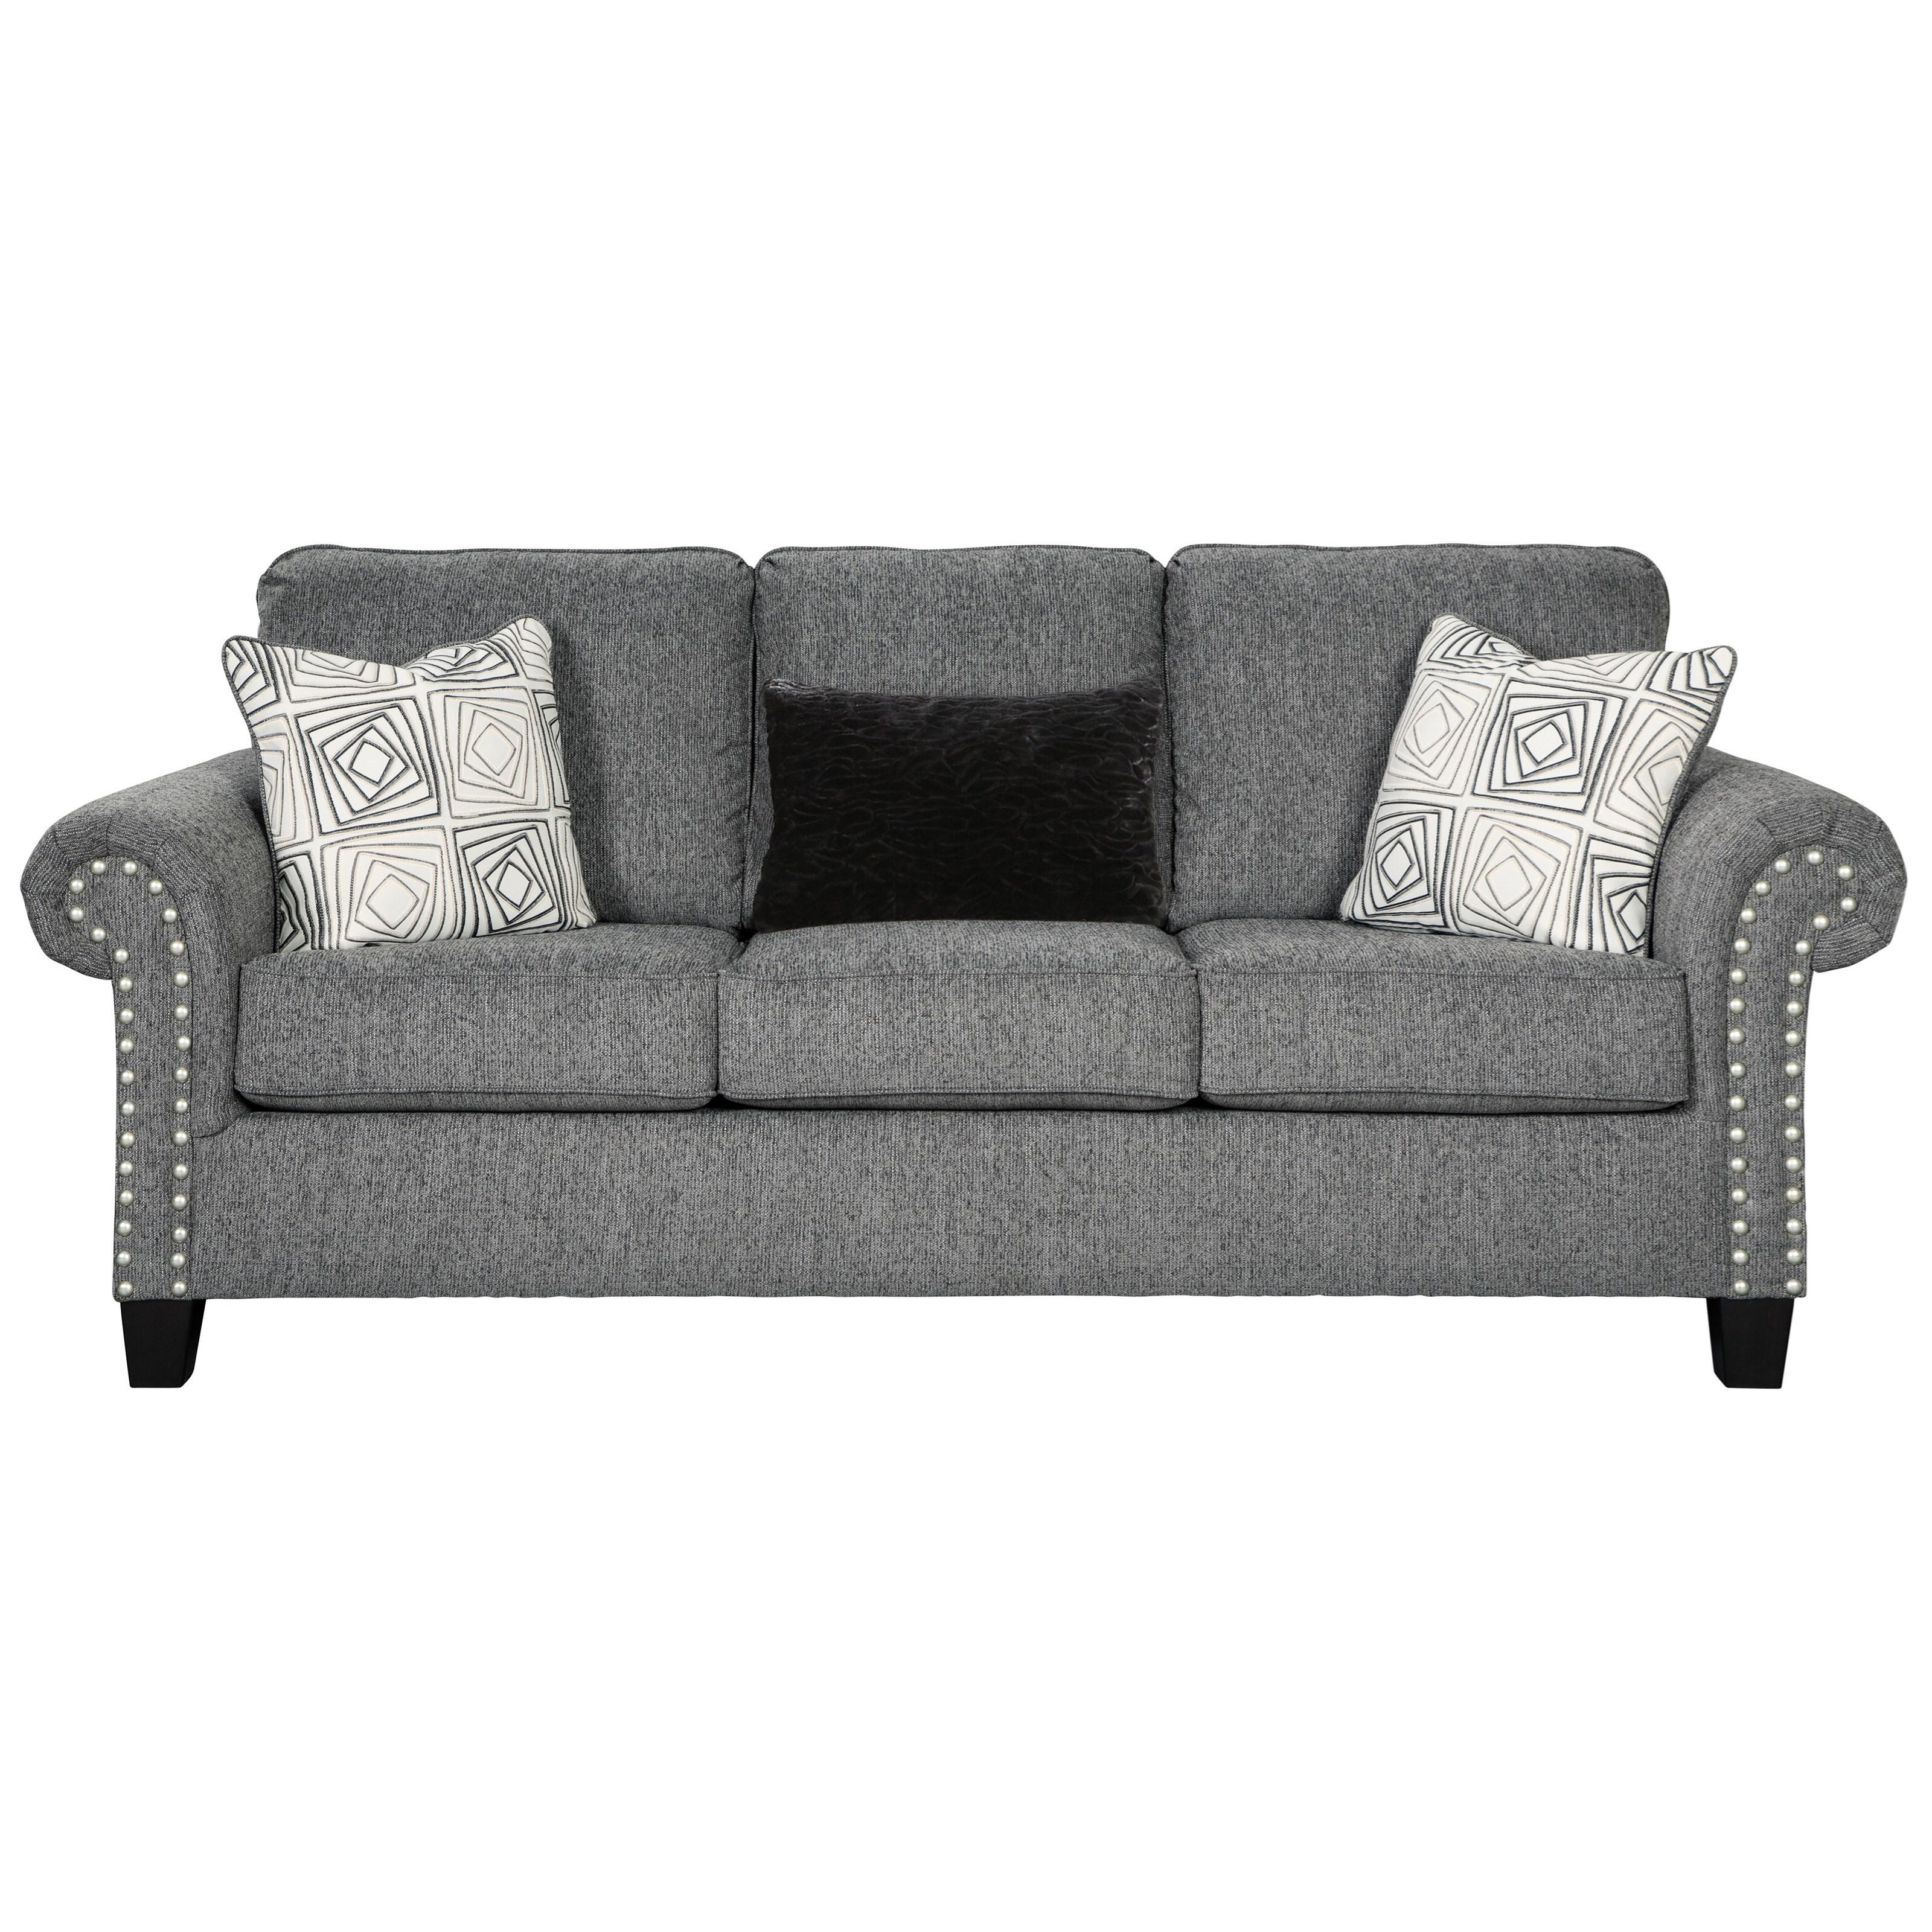 foam sofa sleeper aero fawn benchcraft by ashley agleno queen with memory